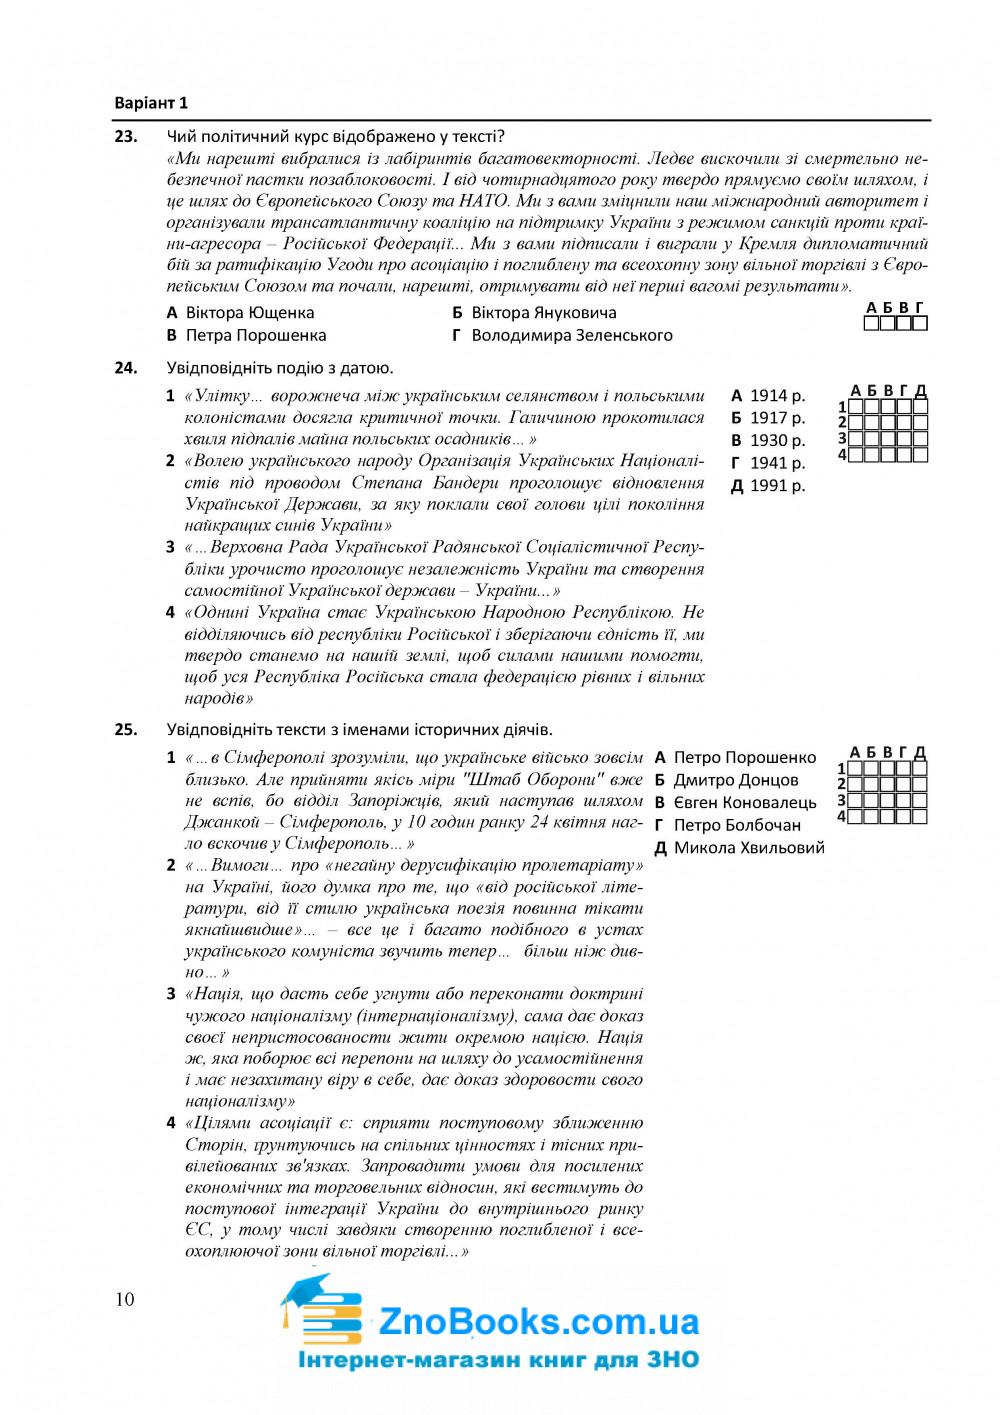 Історія України. Тестові завдання у форматі ЗНО 2021 : Земерова Т. Підручники і посібники купити 10